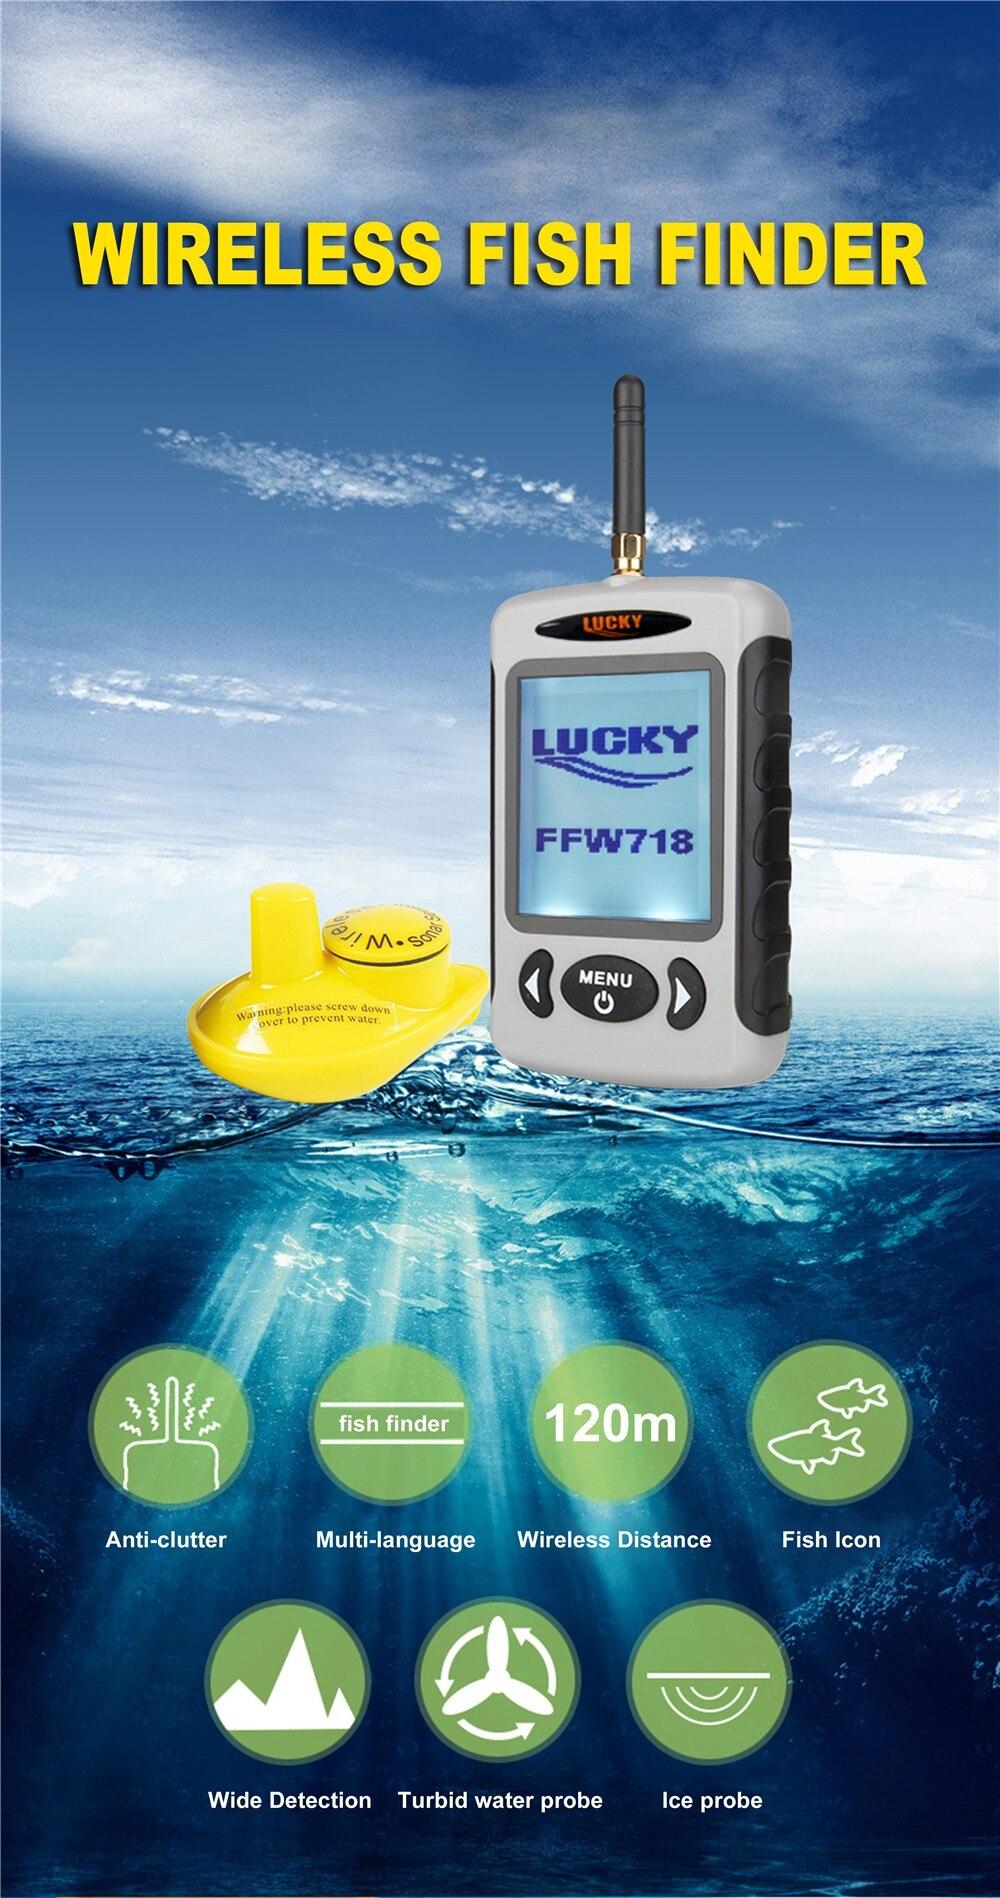 FFW718 fish finder